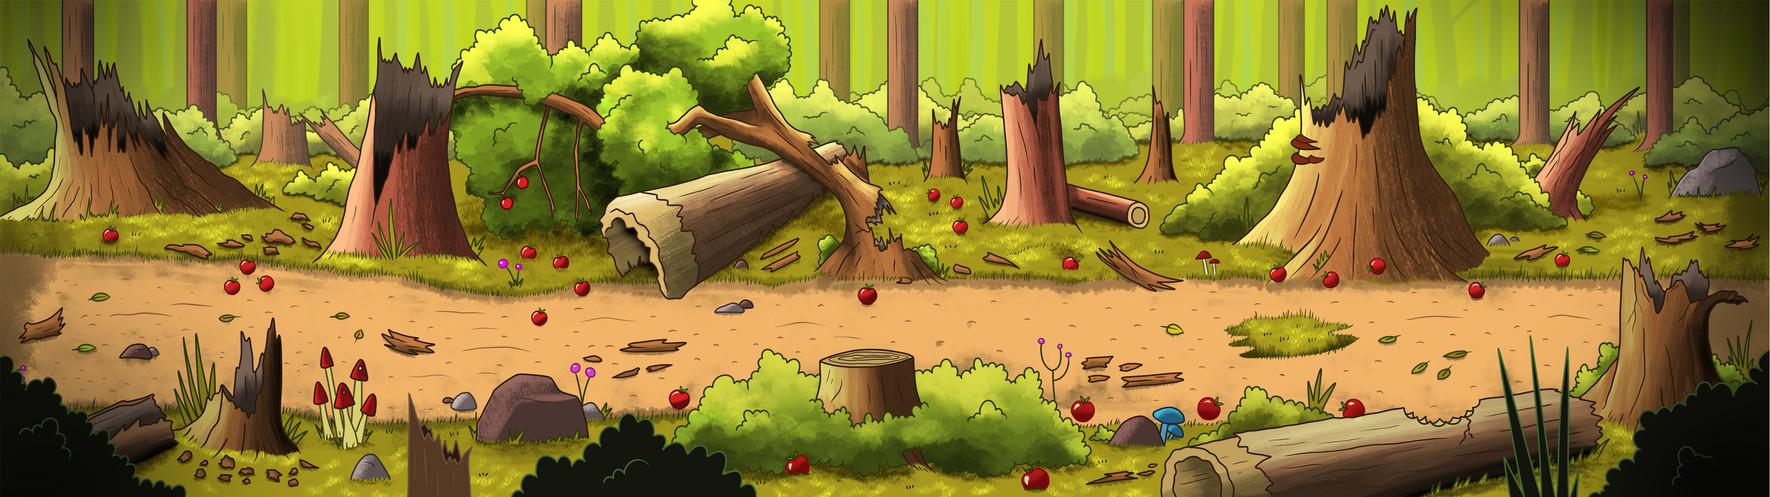 bg_ruined_trees.jpg